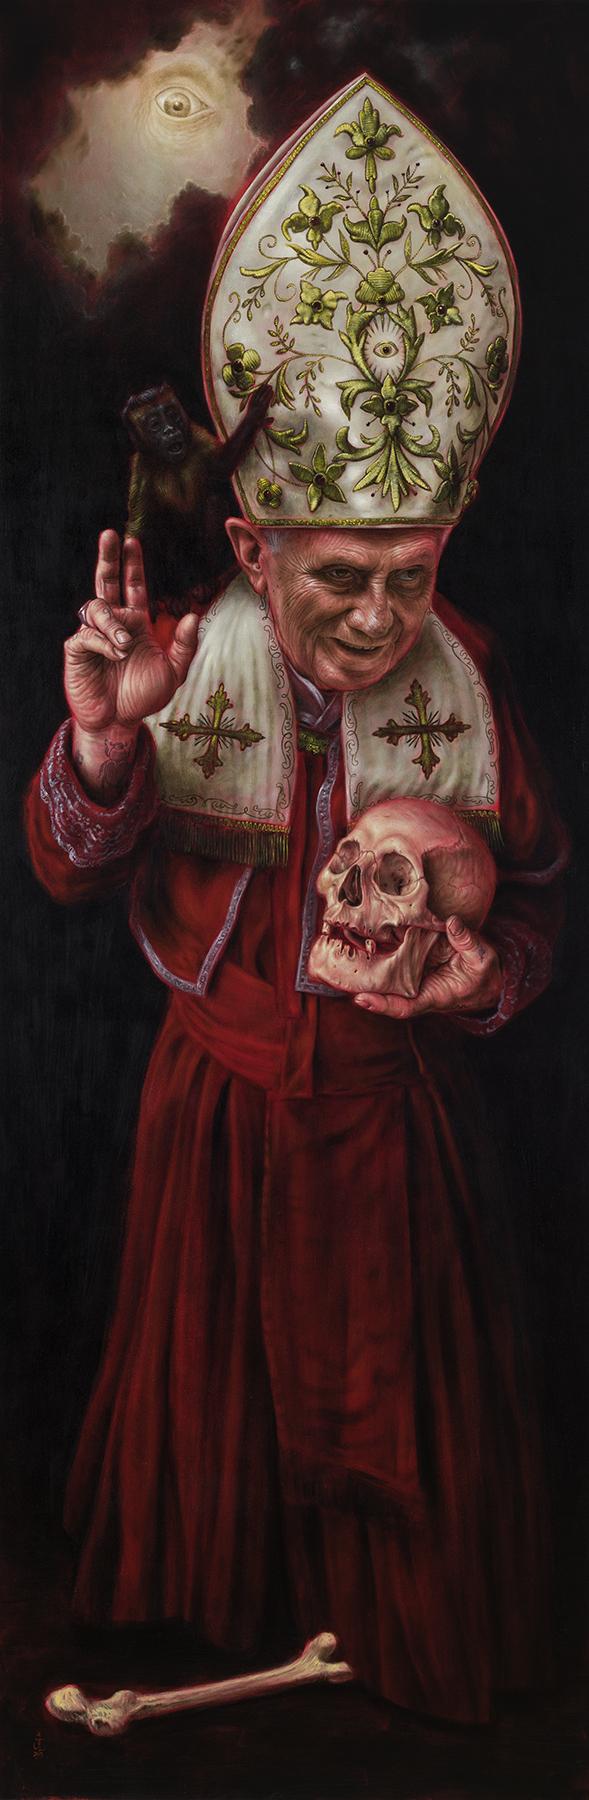 Pope hi-res